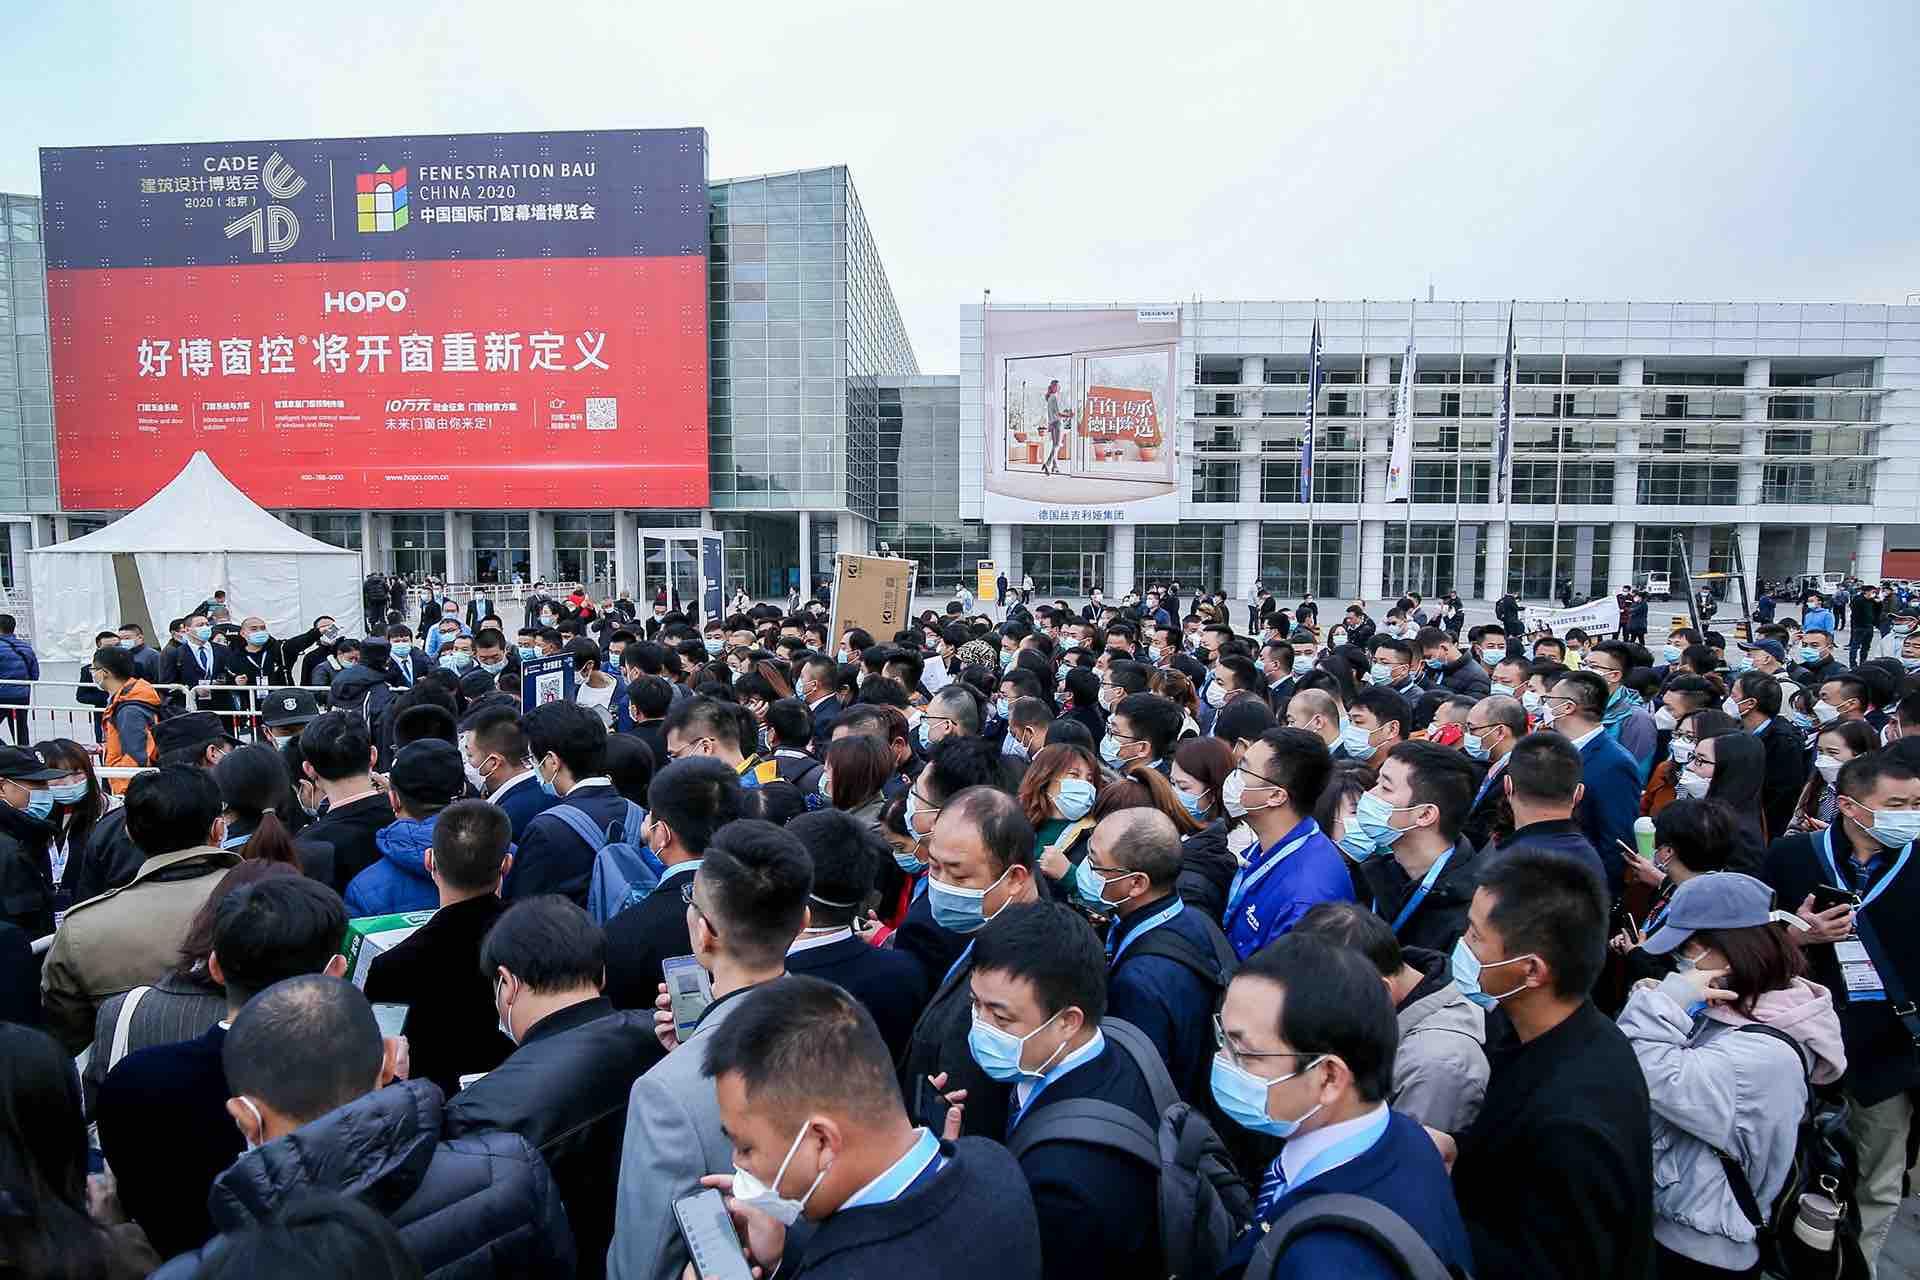 BAU China meldet 636 Aussteller und 48.000 Besucher